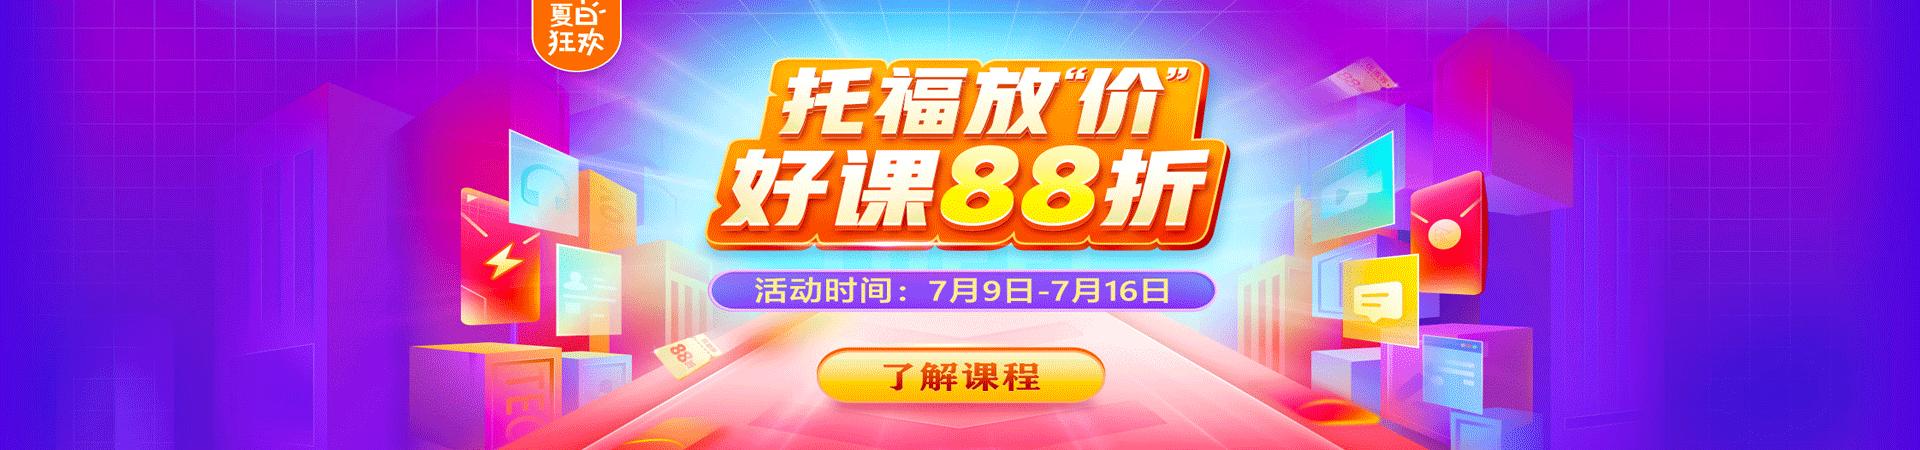 新东方新托福网络课堂